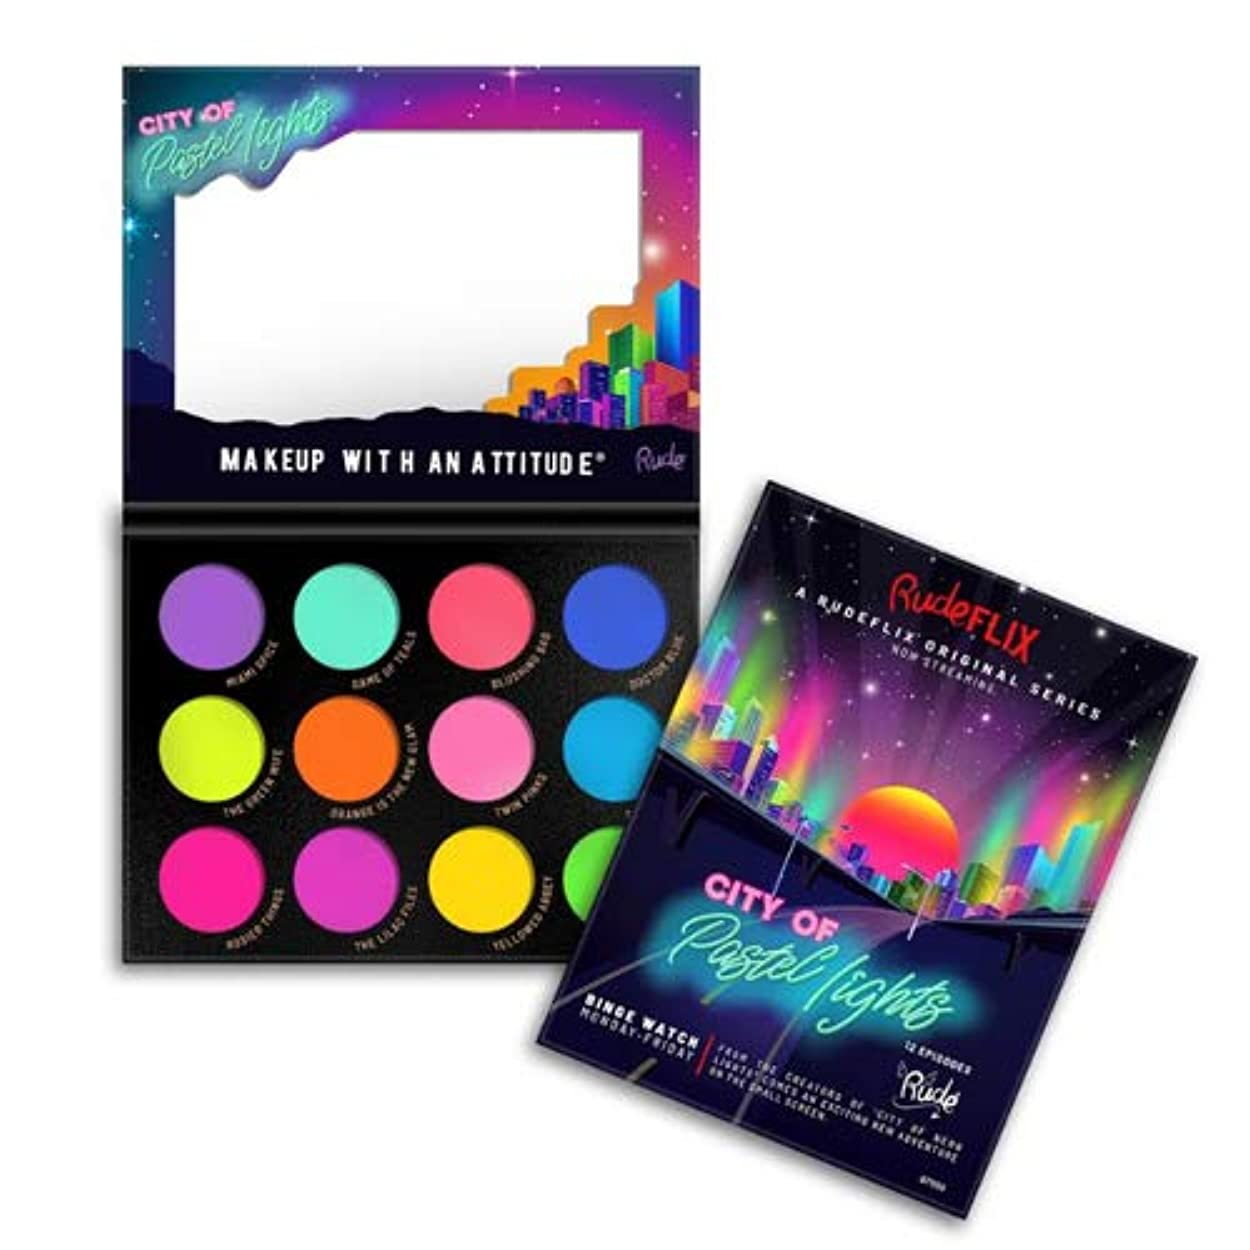 強盗あいまいな効能RUDE City of Pastel Lights - 12 Pastel Pigment & Eyeshadow Palette (6 Pack) (並行輸入品)